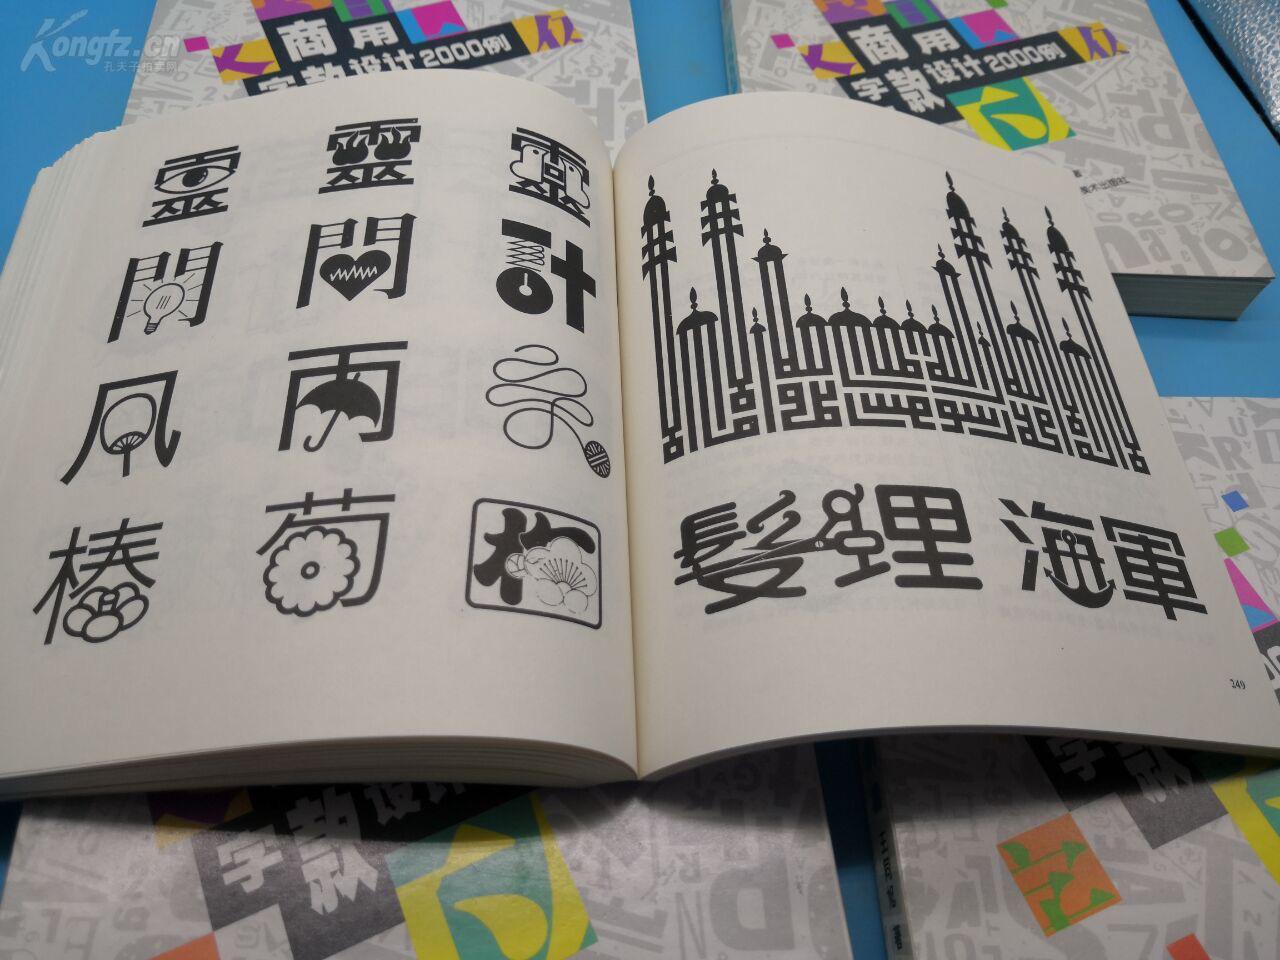 五册绘制【五册是一个书】商用字款设计2000wordl如何合拍曲线图图片